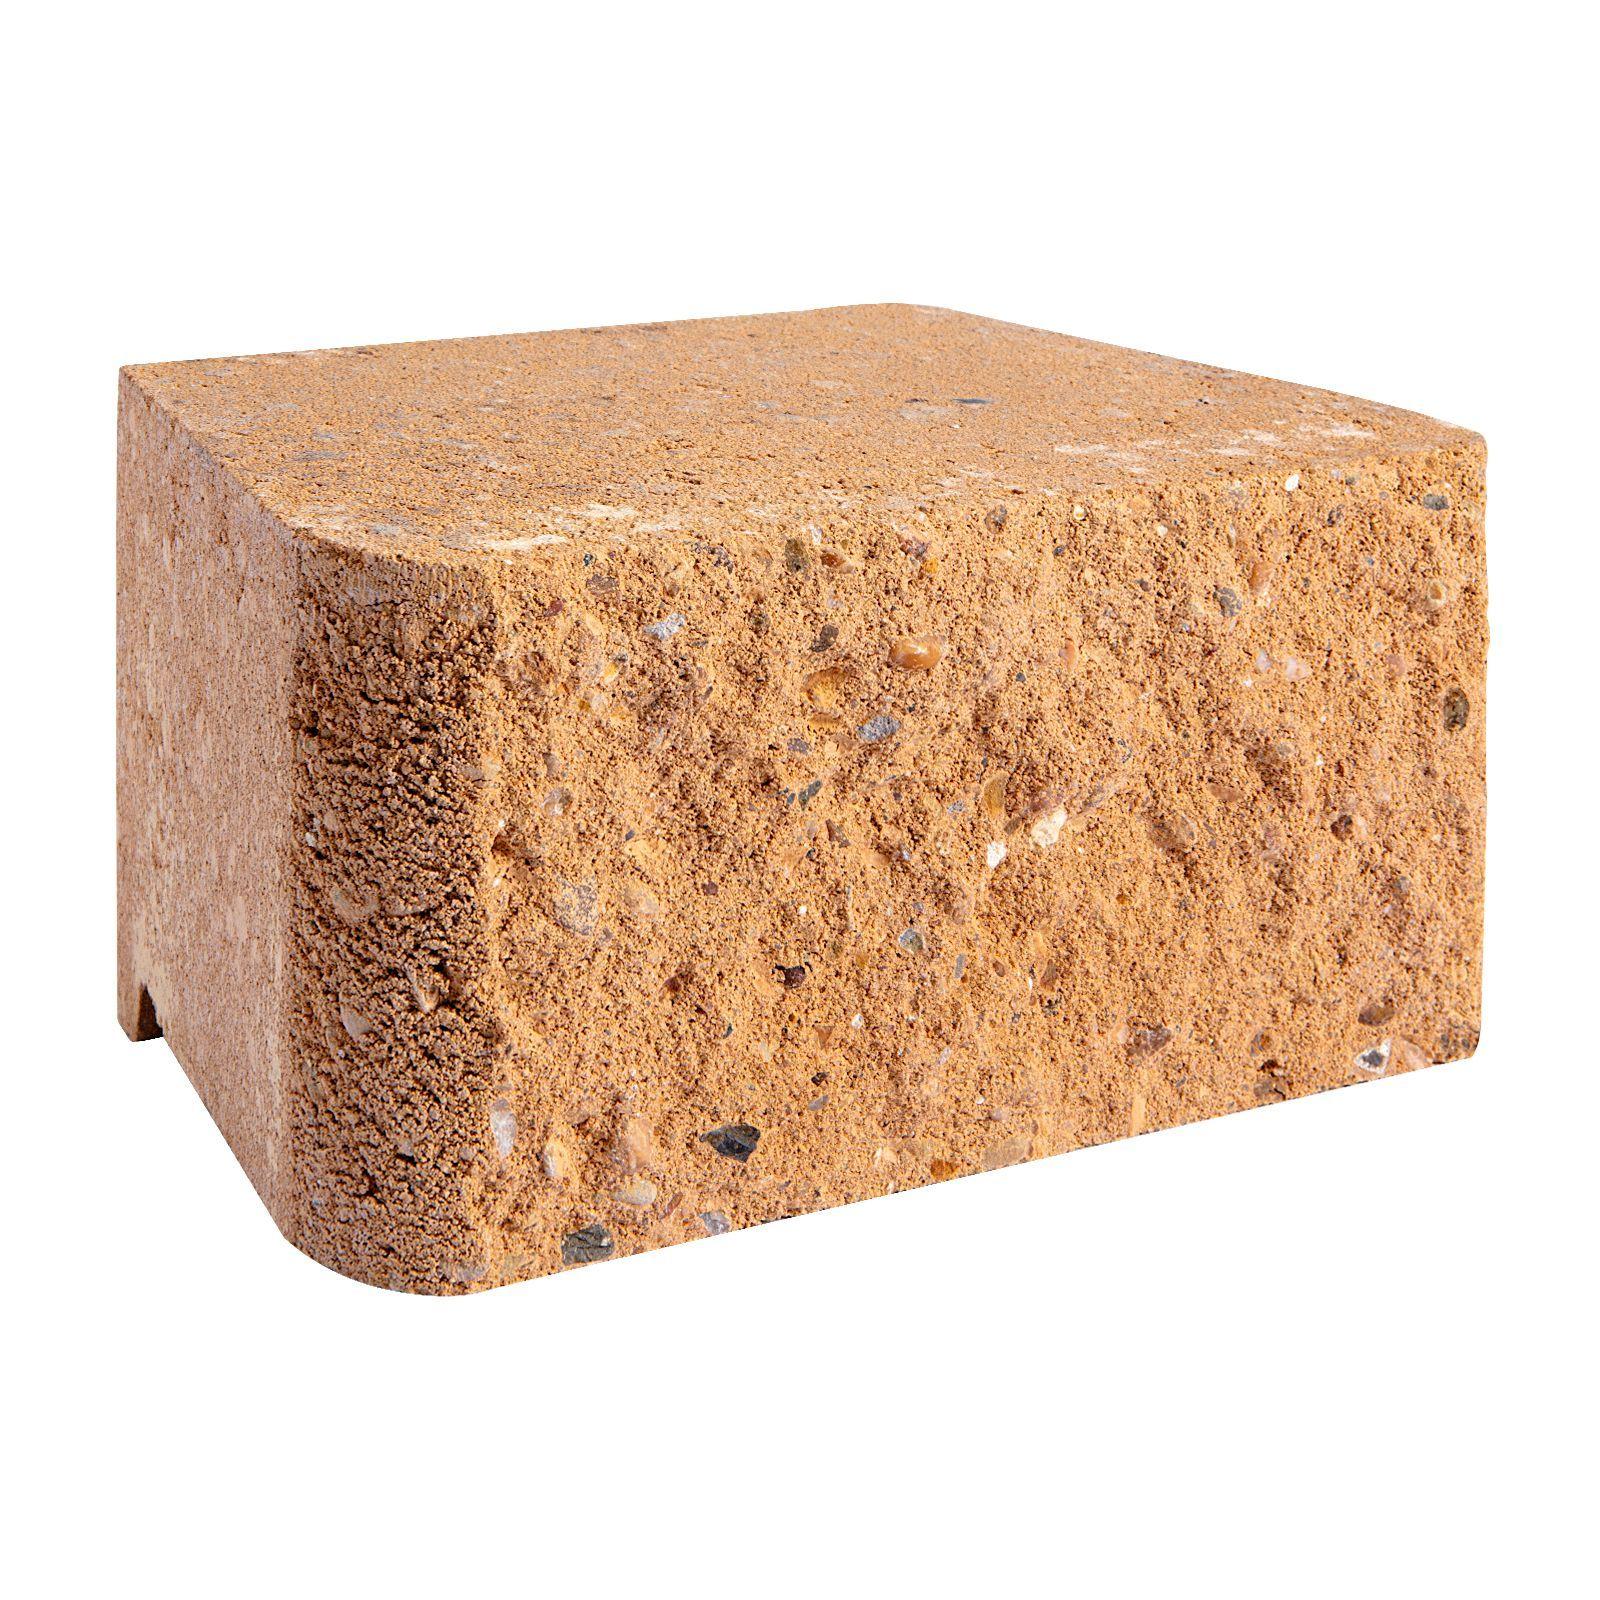 Brighton Masonry Ezi Wall Lite Retaining Wall Block Sand Ezi Wall Lite Is The Perfect Diy Garden W In 2020 Retaining Wall Block Retaining Wall Retaining Wall Blocks